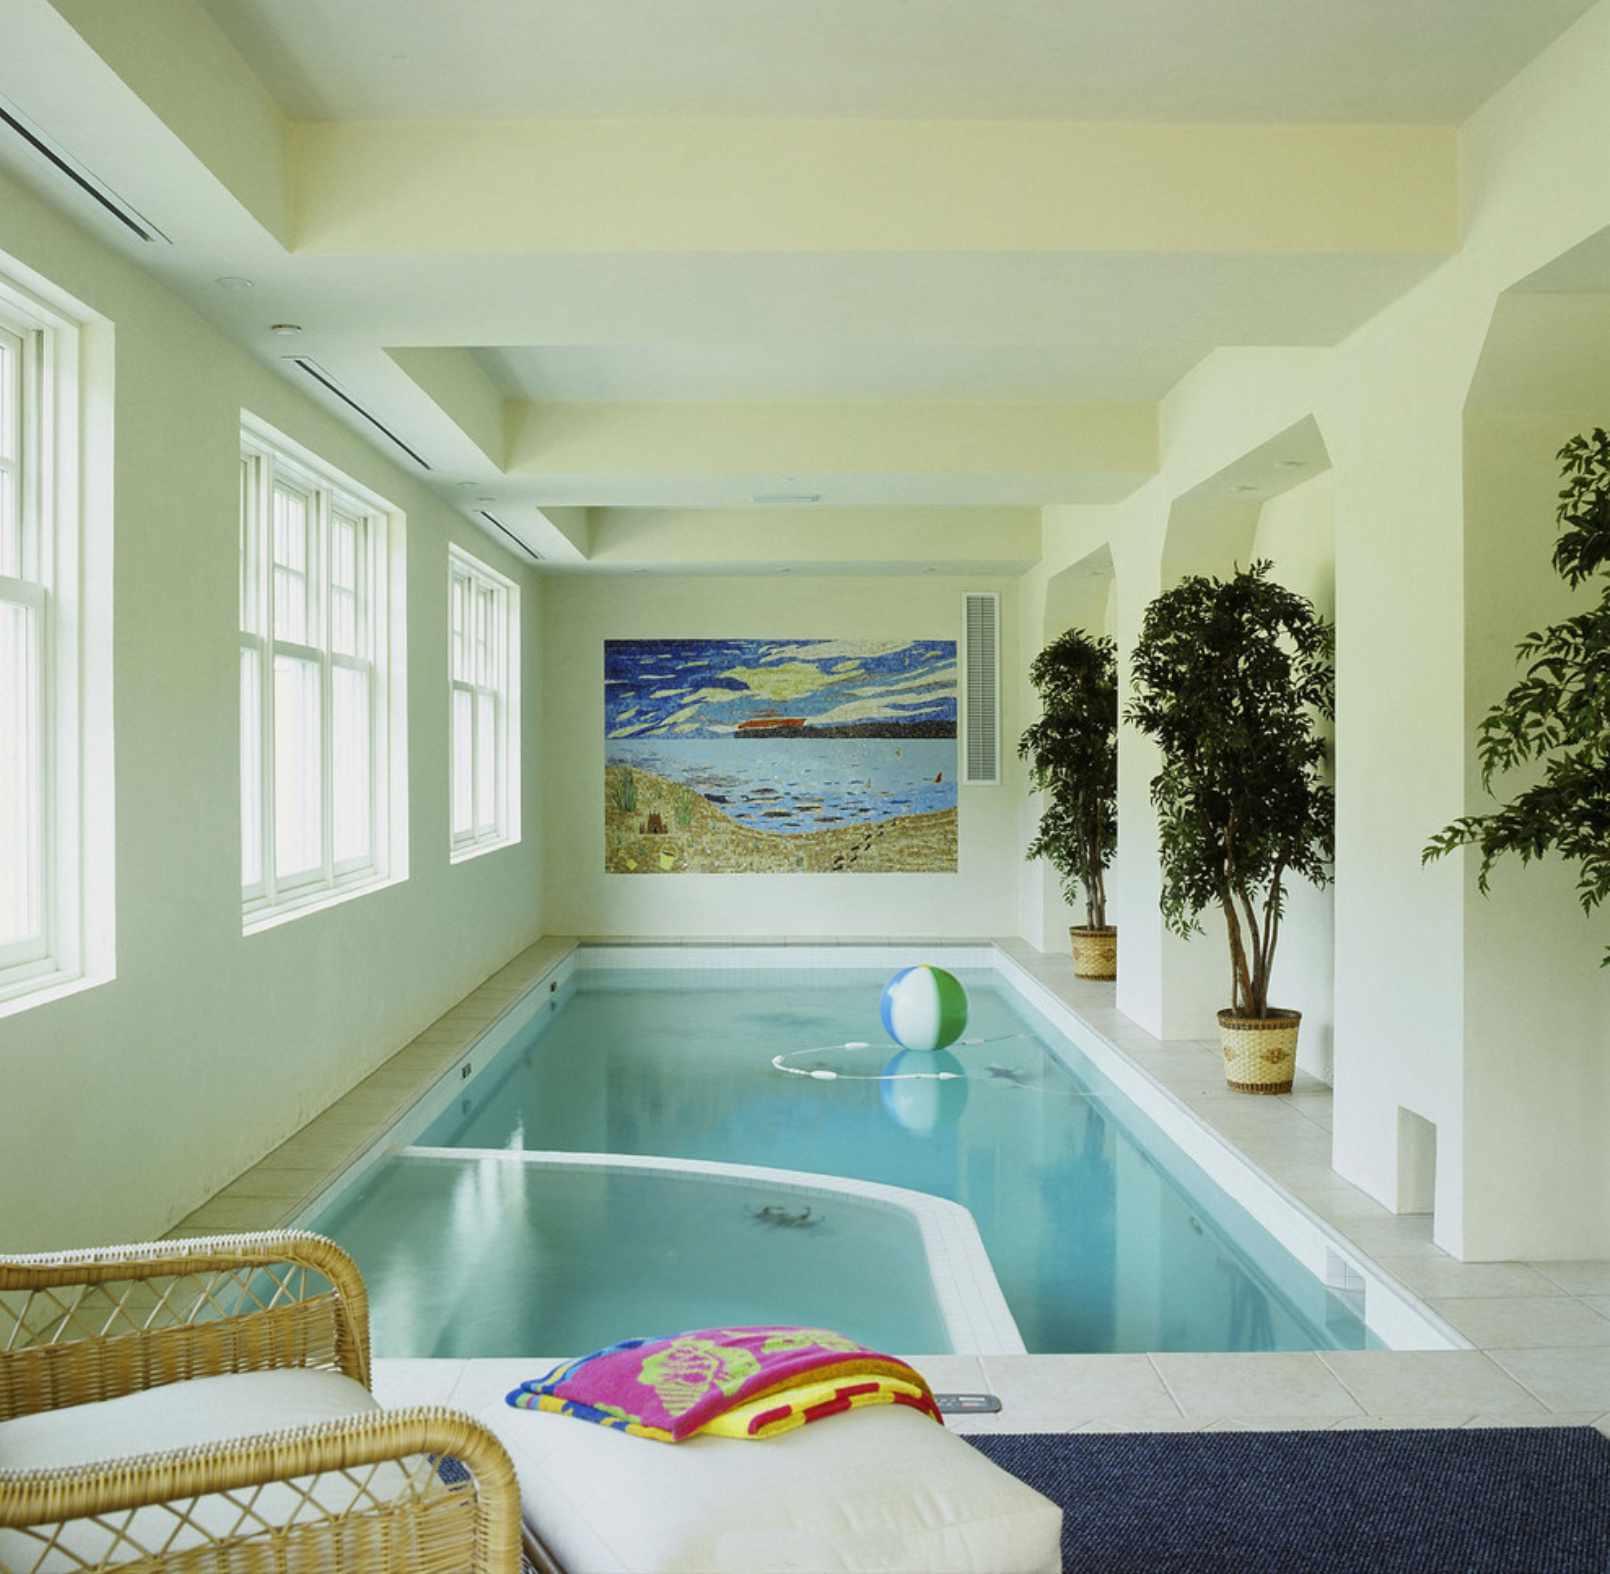 scenic indoor swimming pool design